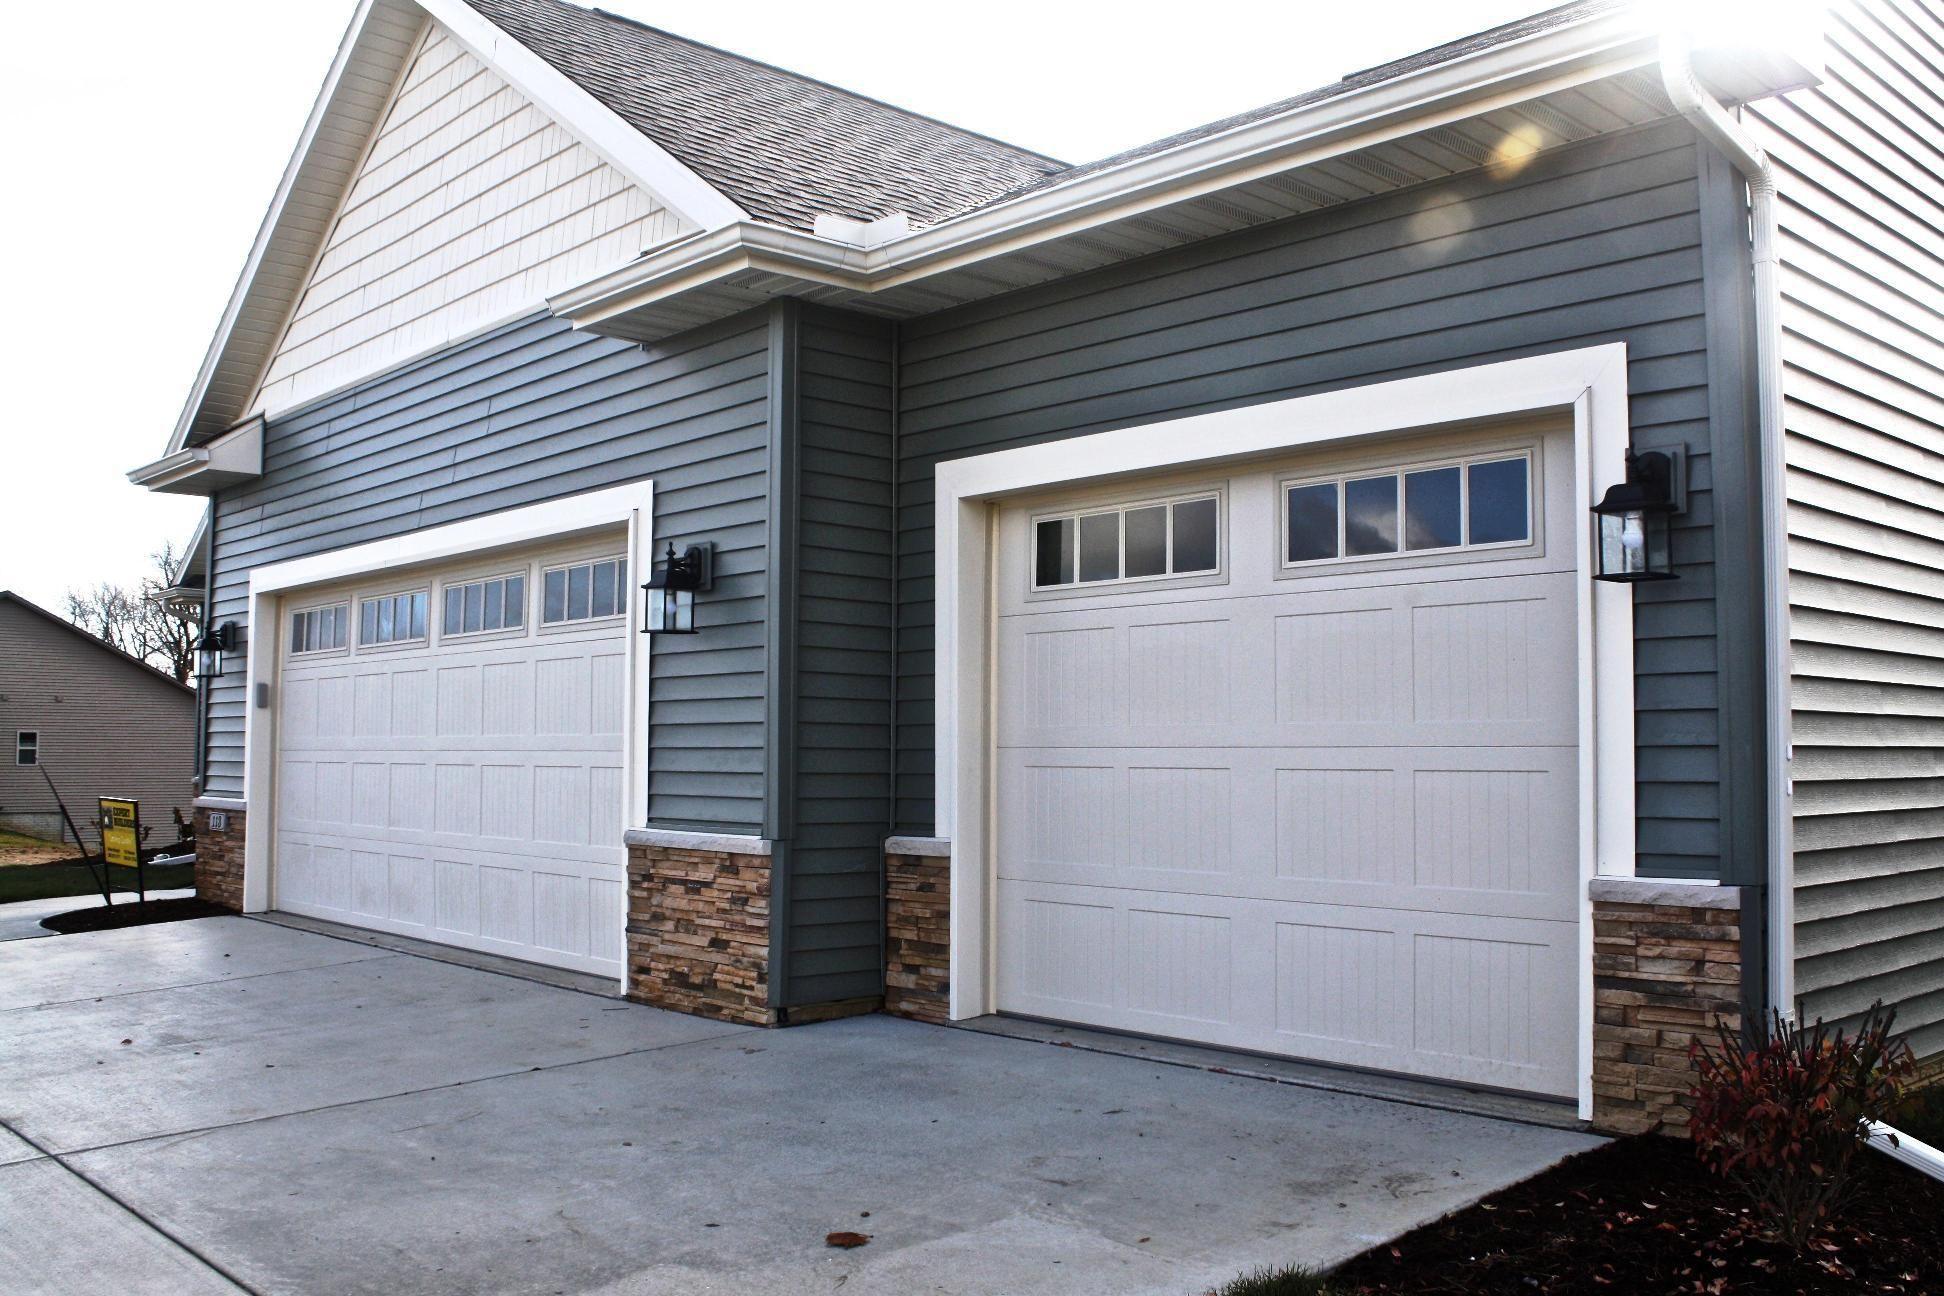 Cost Of Garage Door Opener In 2020 Garage Doors For Sale Garage Door Cost Garage Door Spring Repair